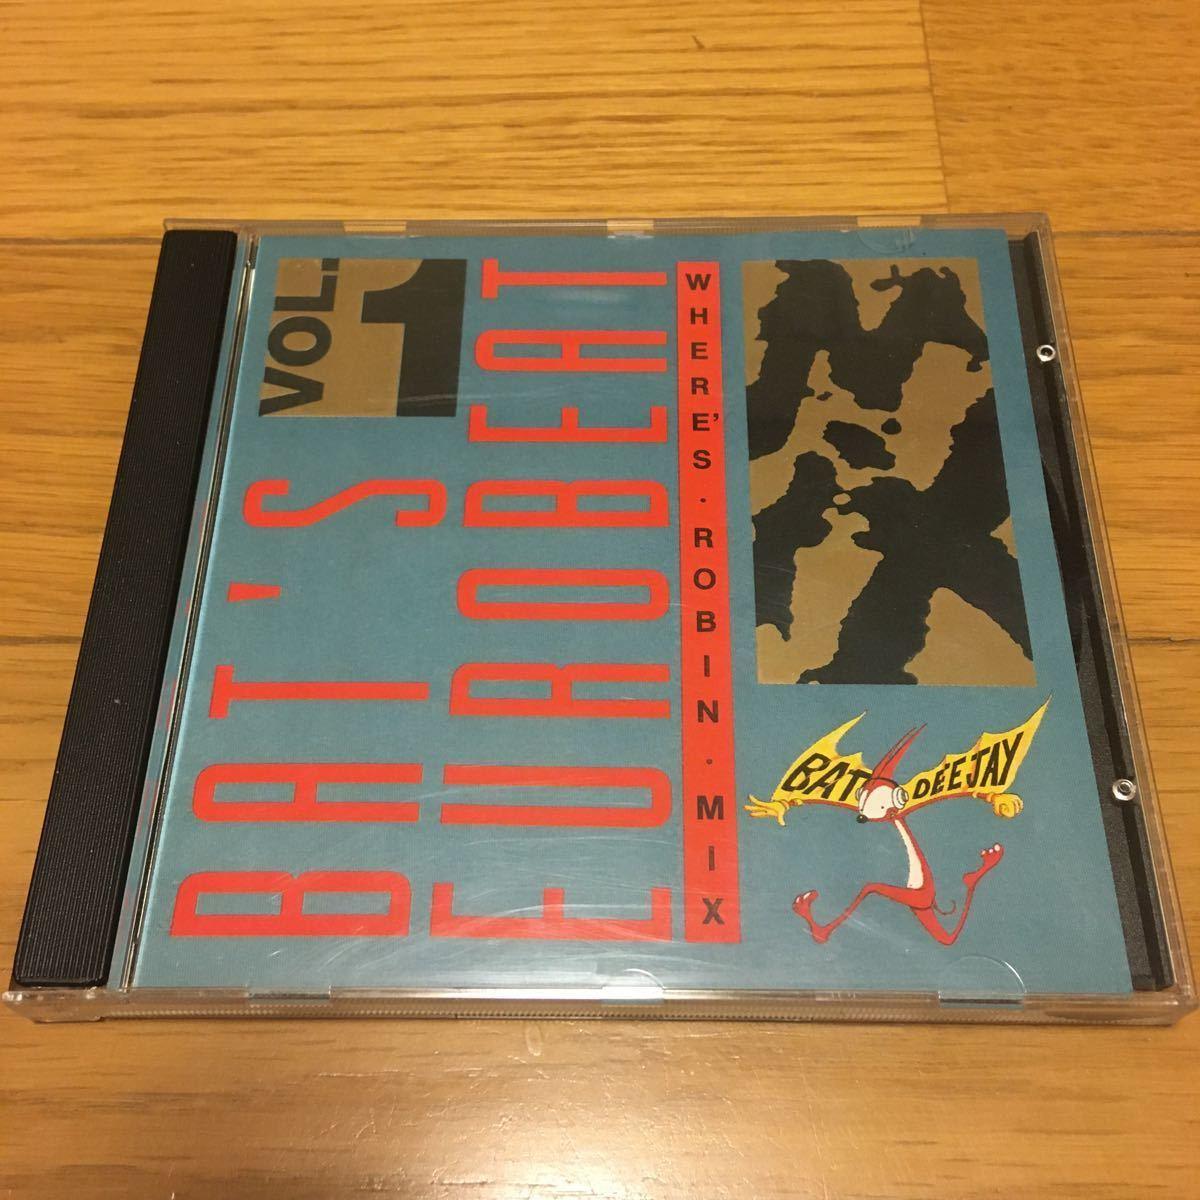 ネコポス送料無料☆BAT'S Eurobeat vol.1 WHERES・ROBIN・MIX☆バッツ ユーロビート vol.1☆イタリアASIAレーベル☆希少盤_画像1